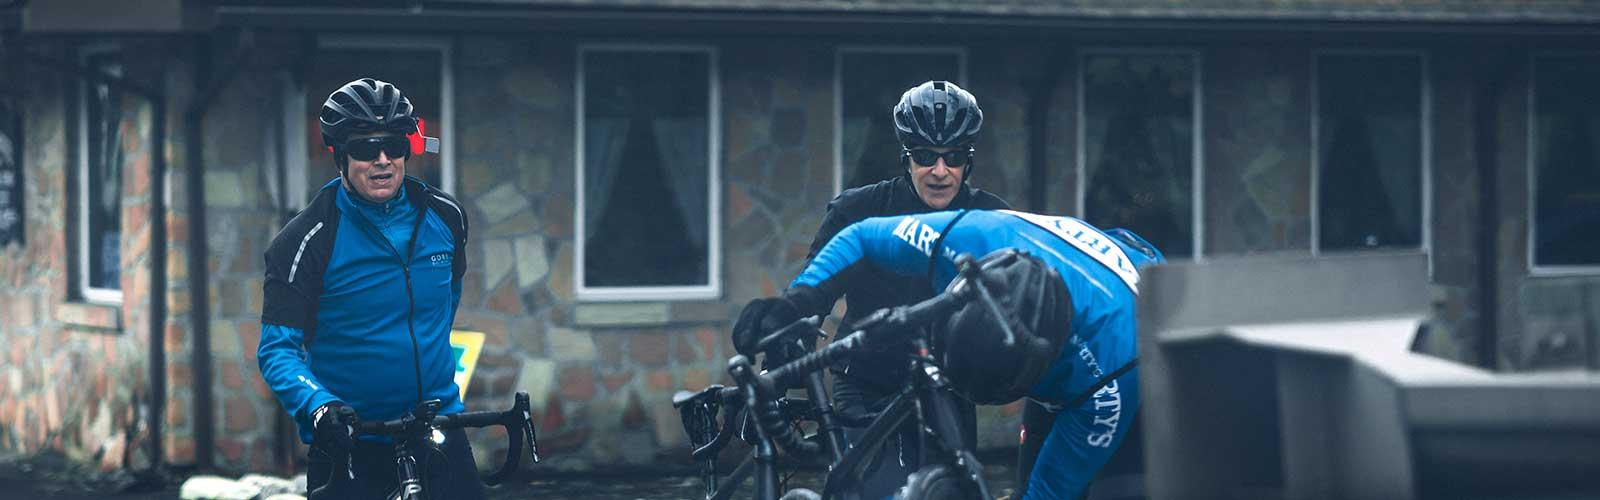 BikeChnageGuru